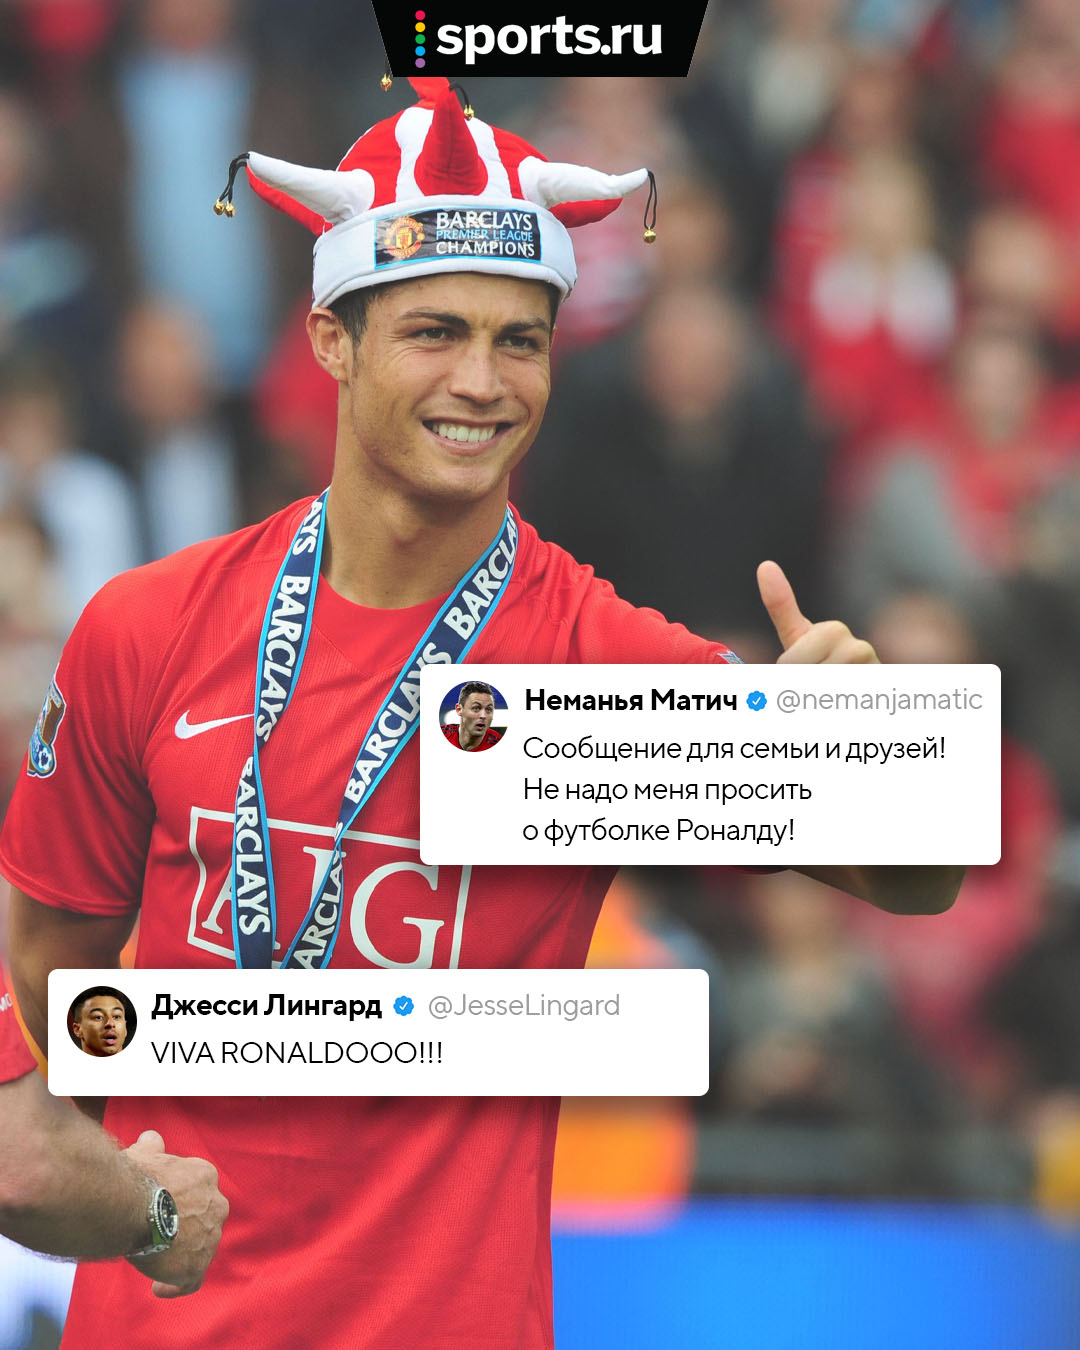 «Не выпрашивайте футболку Роналду!» Игроки «Юнайтед» (и не только) встречают новичка